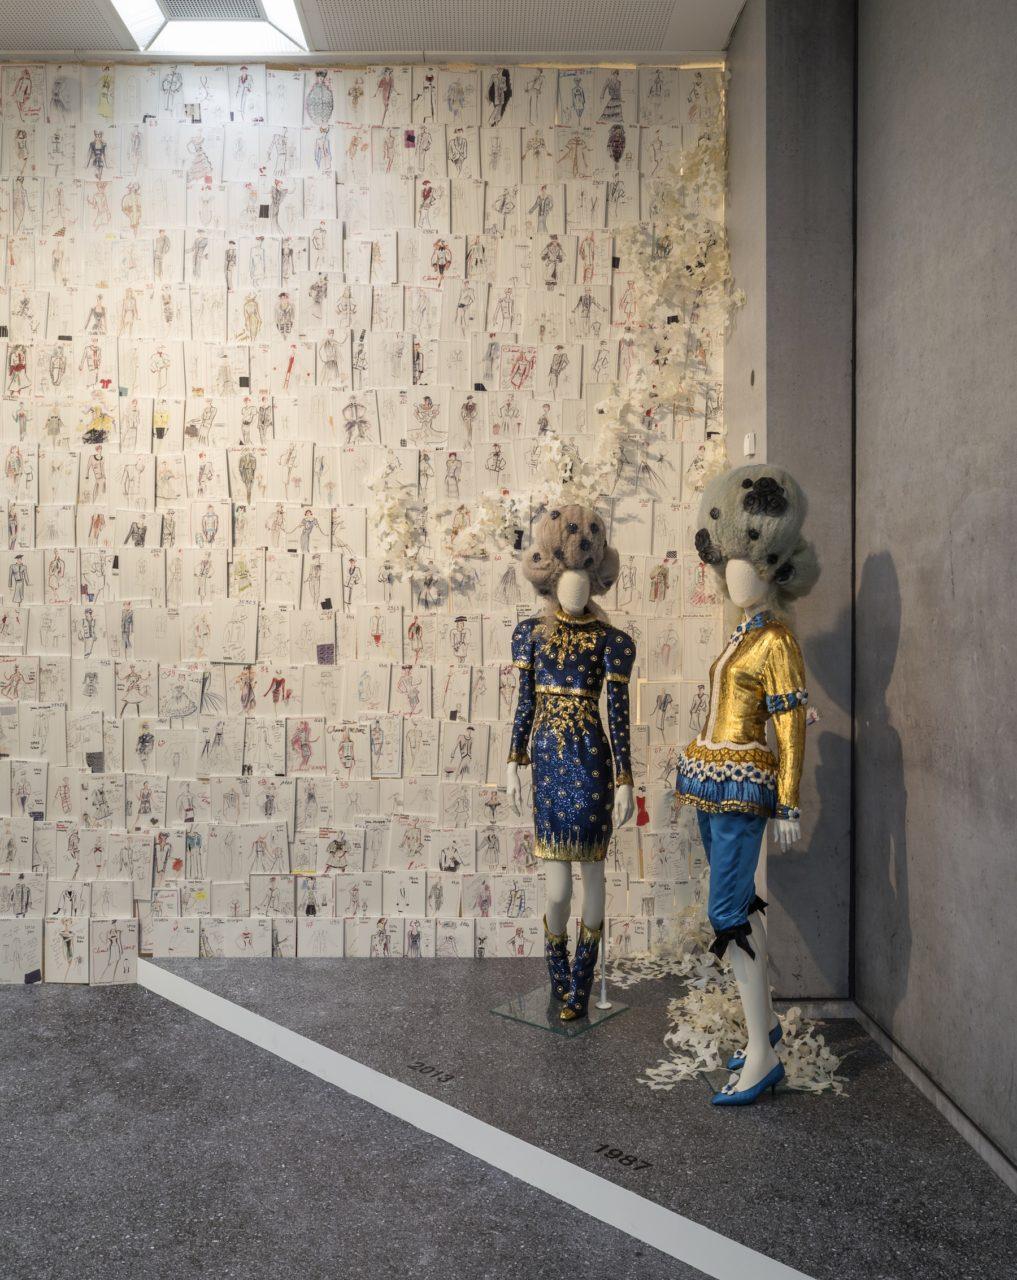 Journelles-Karl-Lagerfeld-Modemethode-Chanel-Ausstellung-2